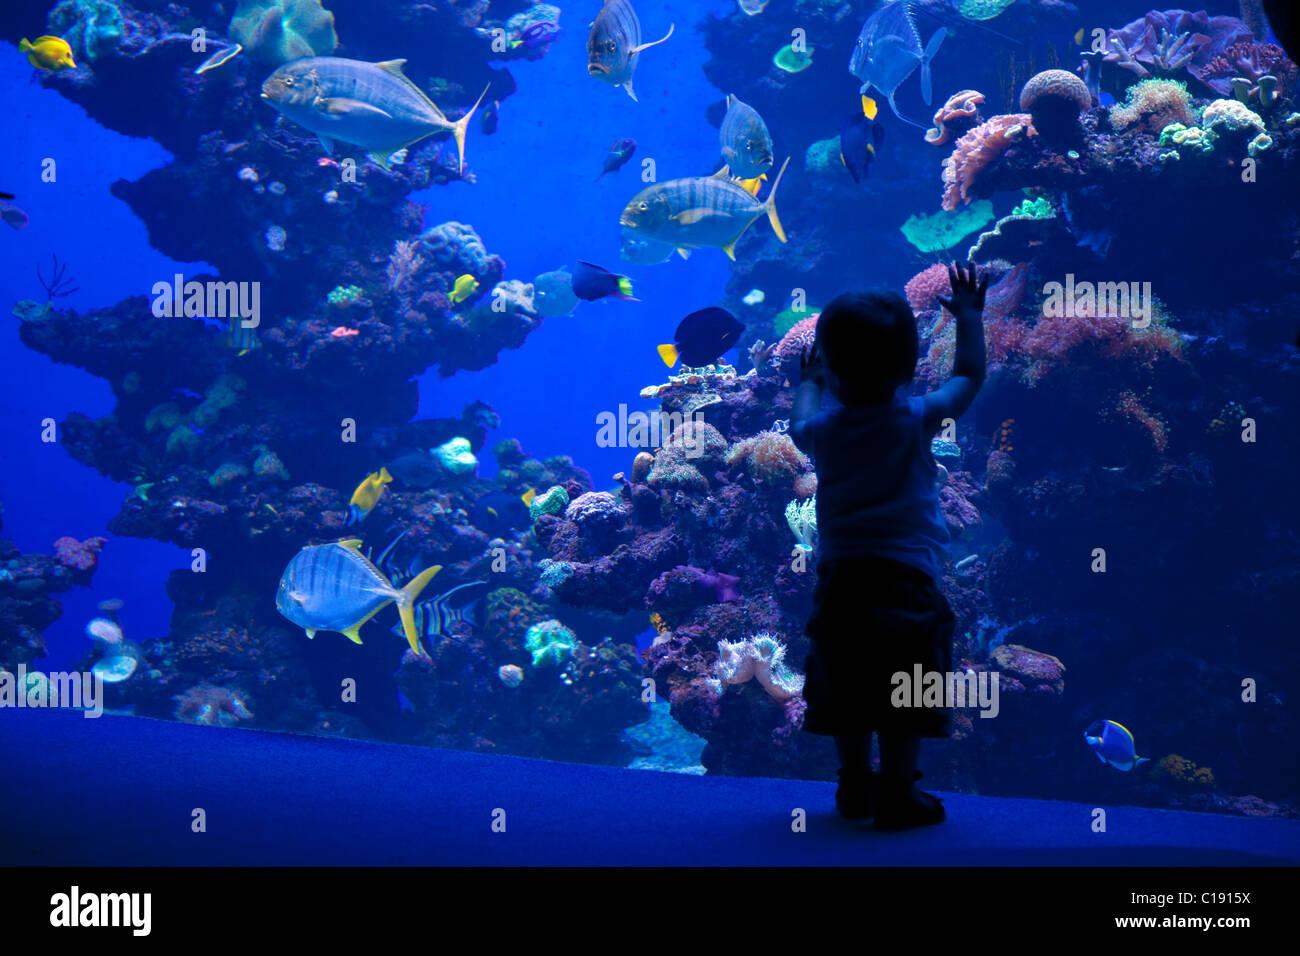 Palma Aquarium Interior With Toddler Looking At Fish Playa De Palma Stock Photo Alamy